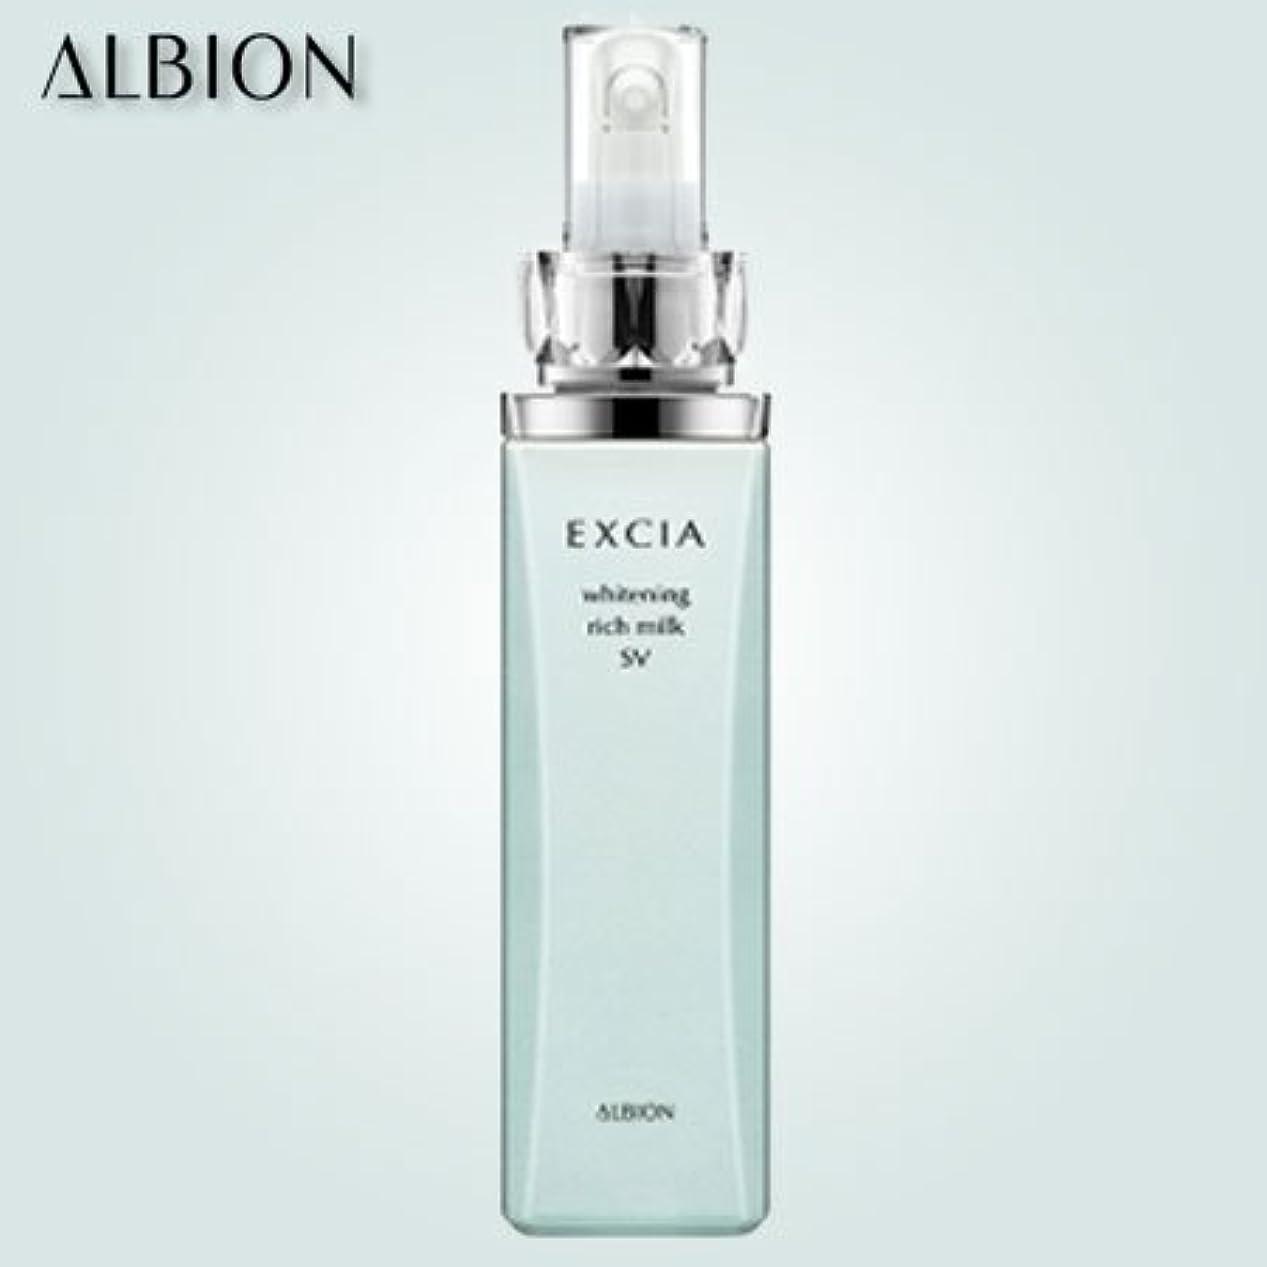 甘美な服スリチンモイアルビオン エクシアAL ホワイトニング エクストラリッチミルク SV(ノーマル~ドライスキン用)200g-ALBION-